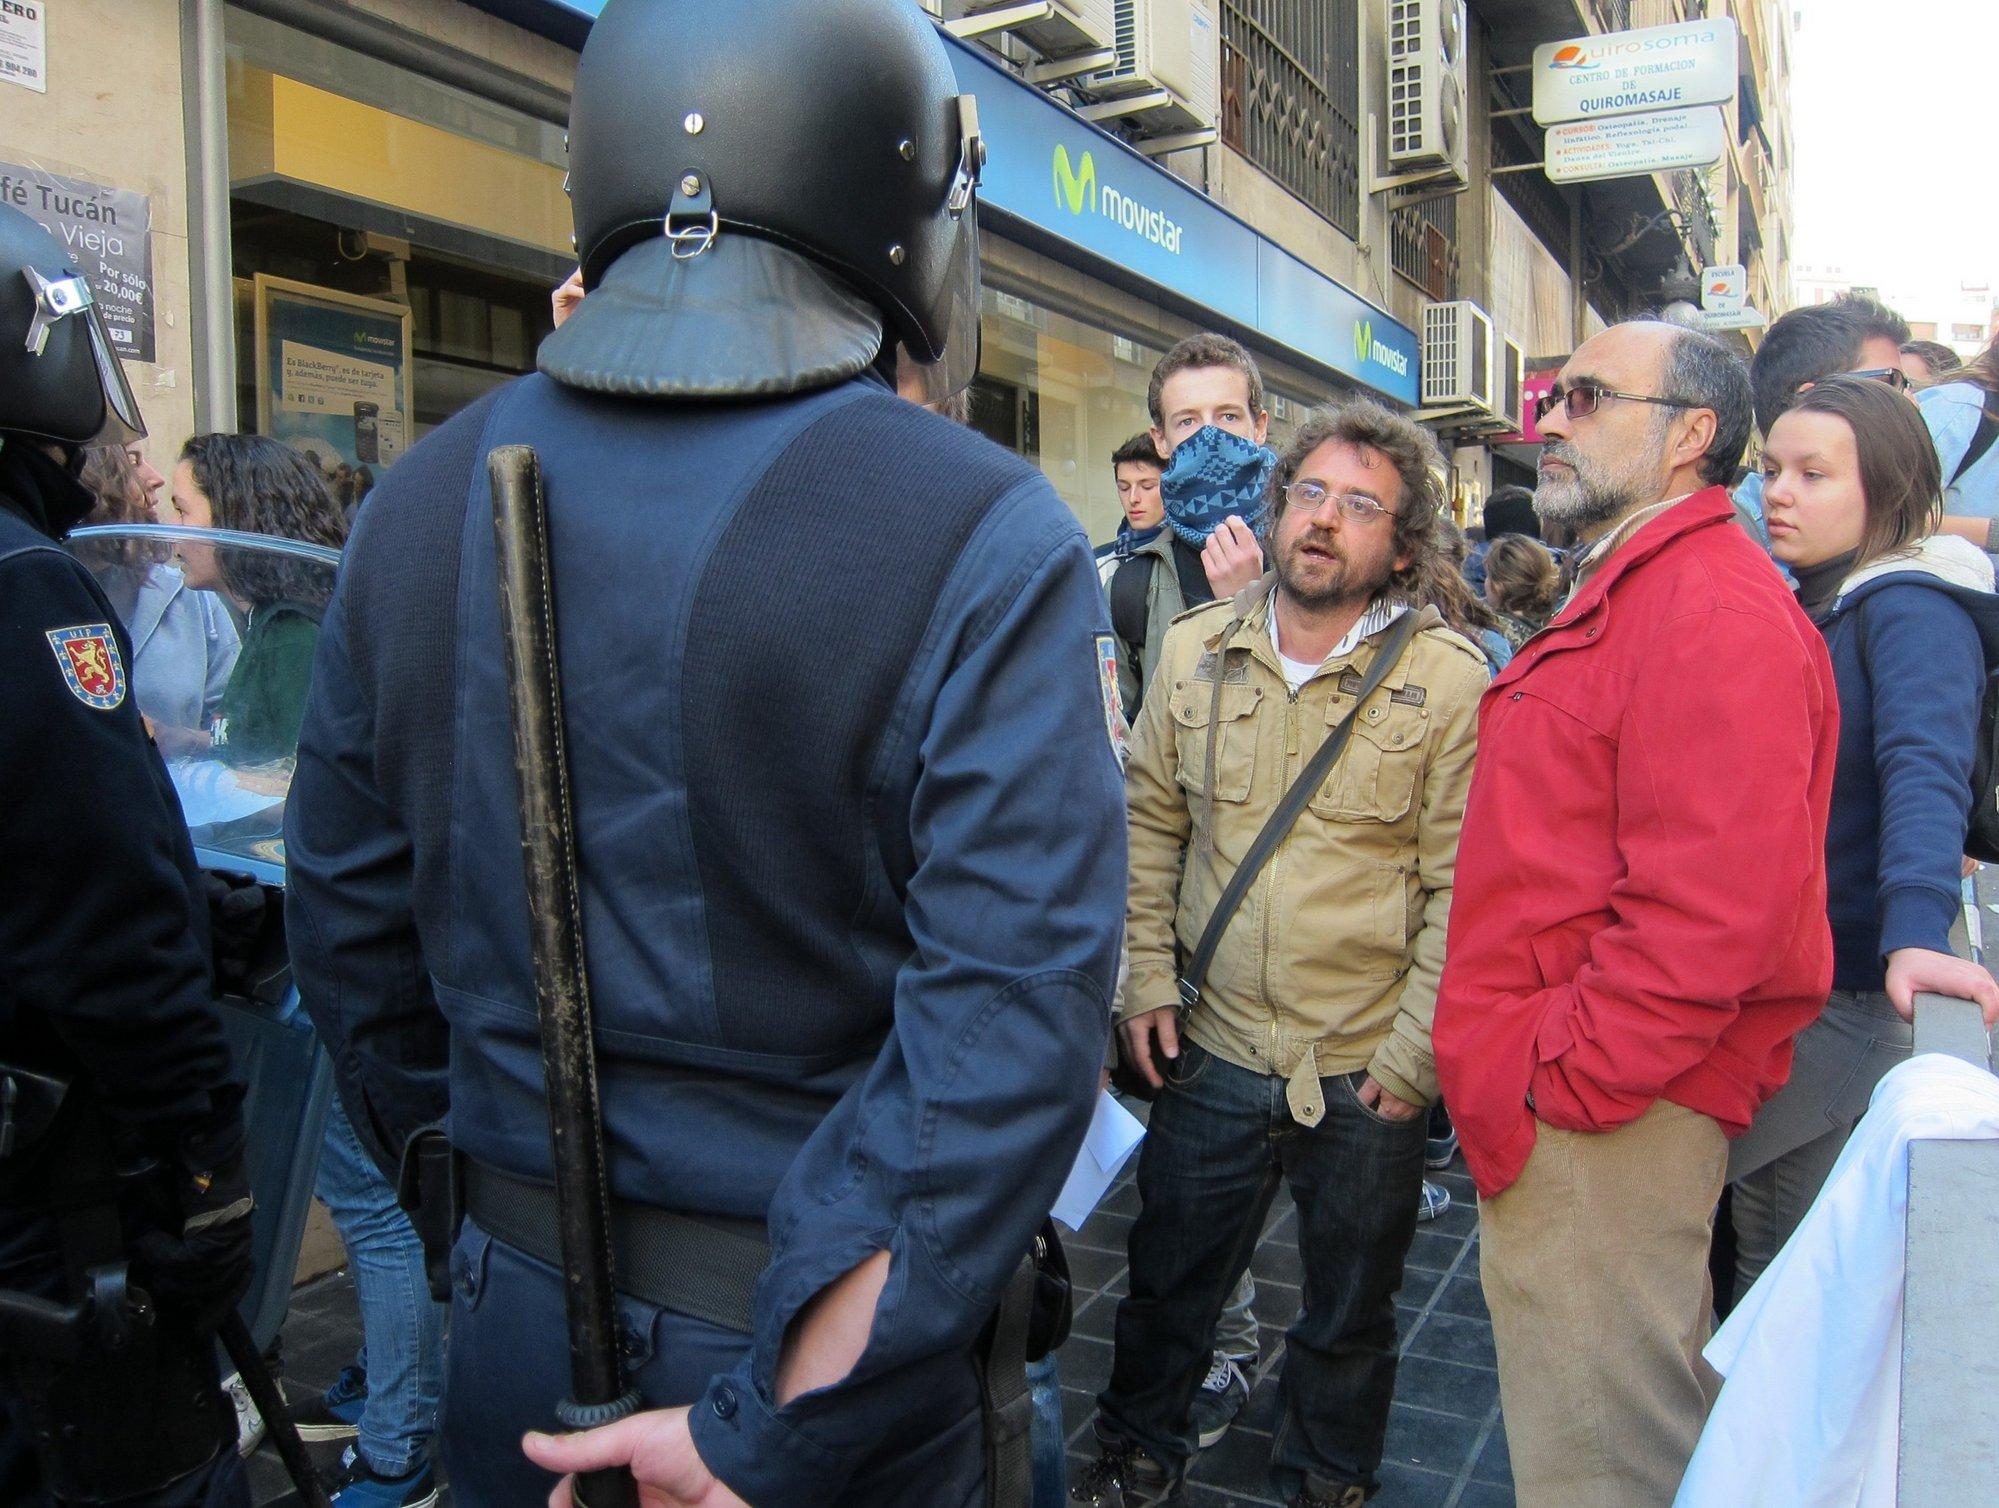 La Policía detiene a 10 personas, entre ellas tres menores, durante la última protesta estudiantil en Valencia